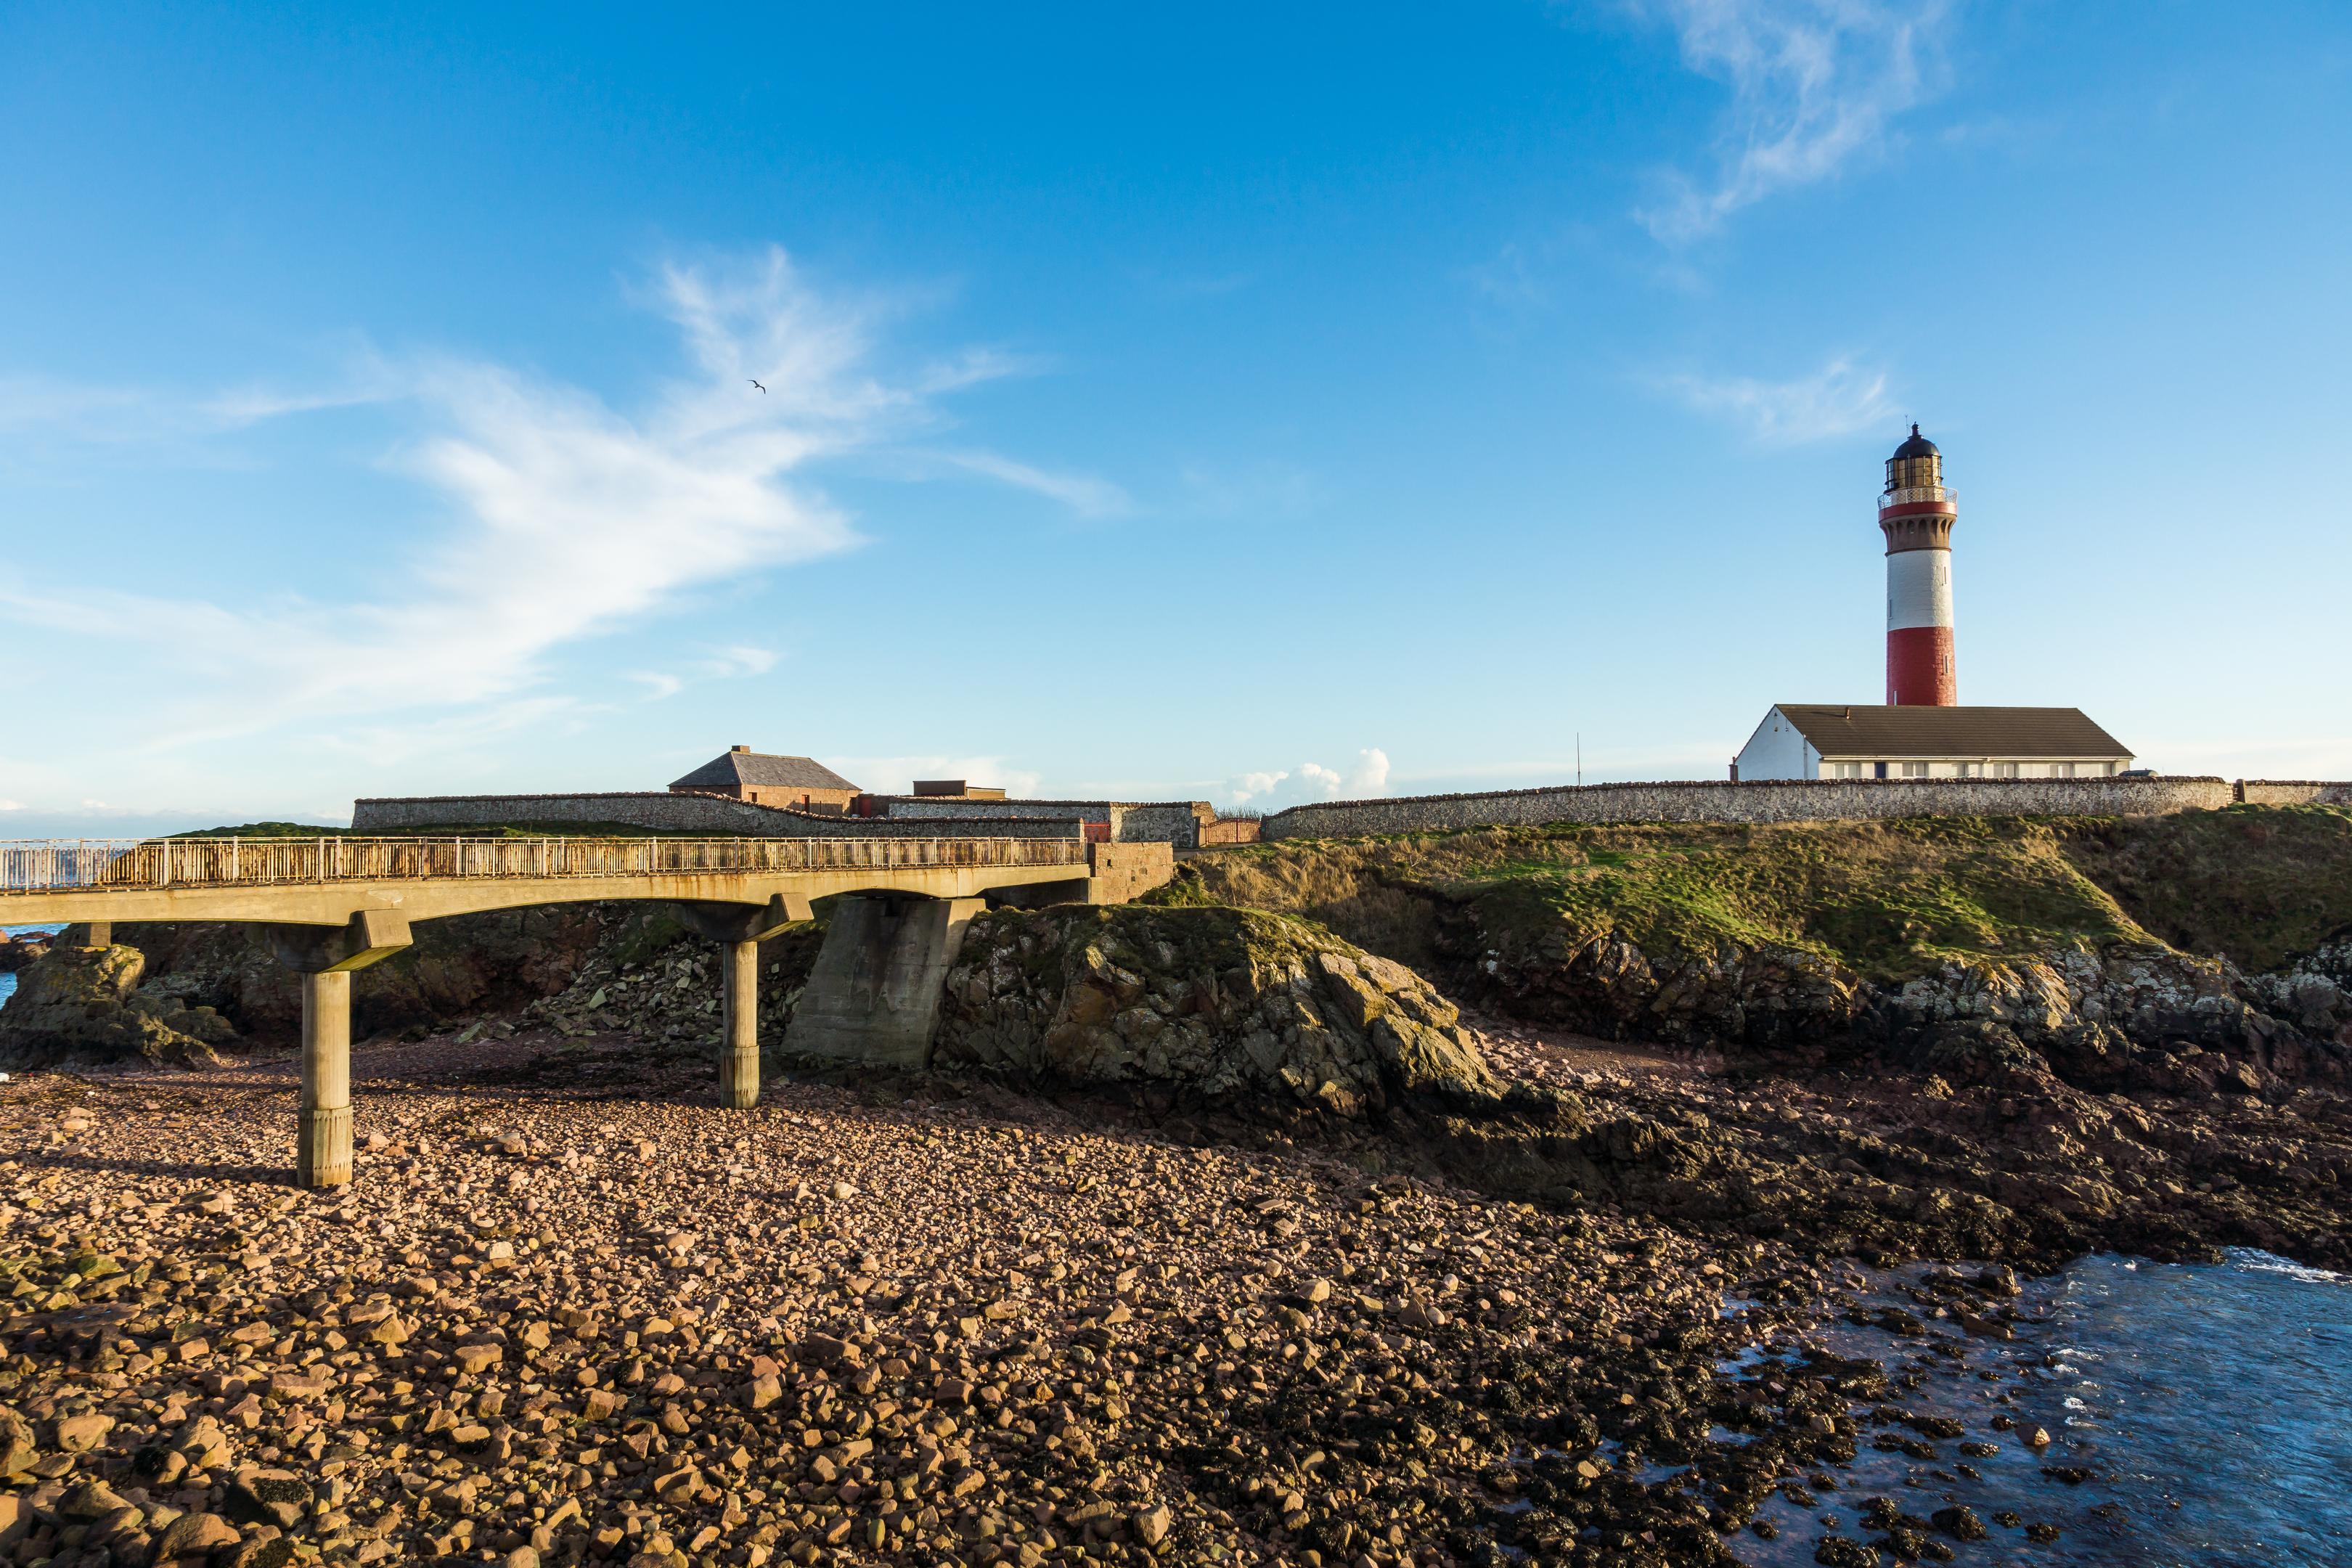 Buchanness Lighthouse, Boddam beside Peterhead, Aberdeenshire (iStock)